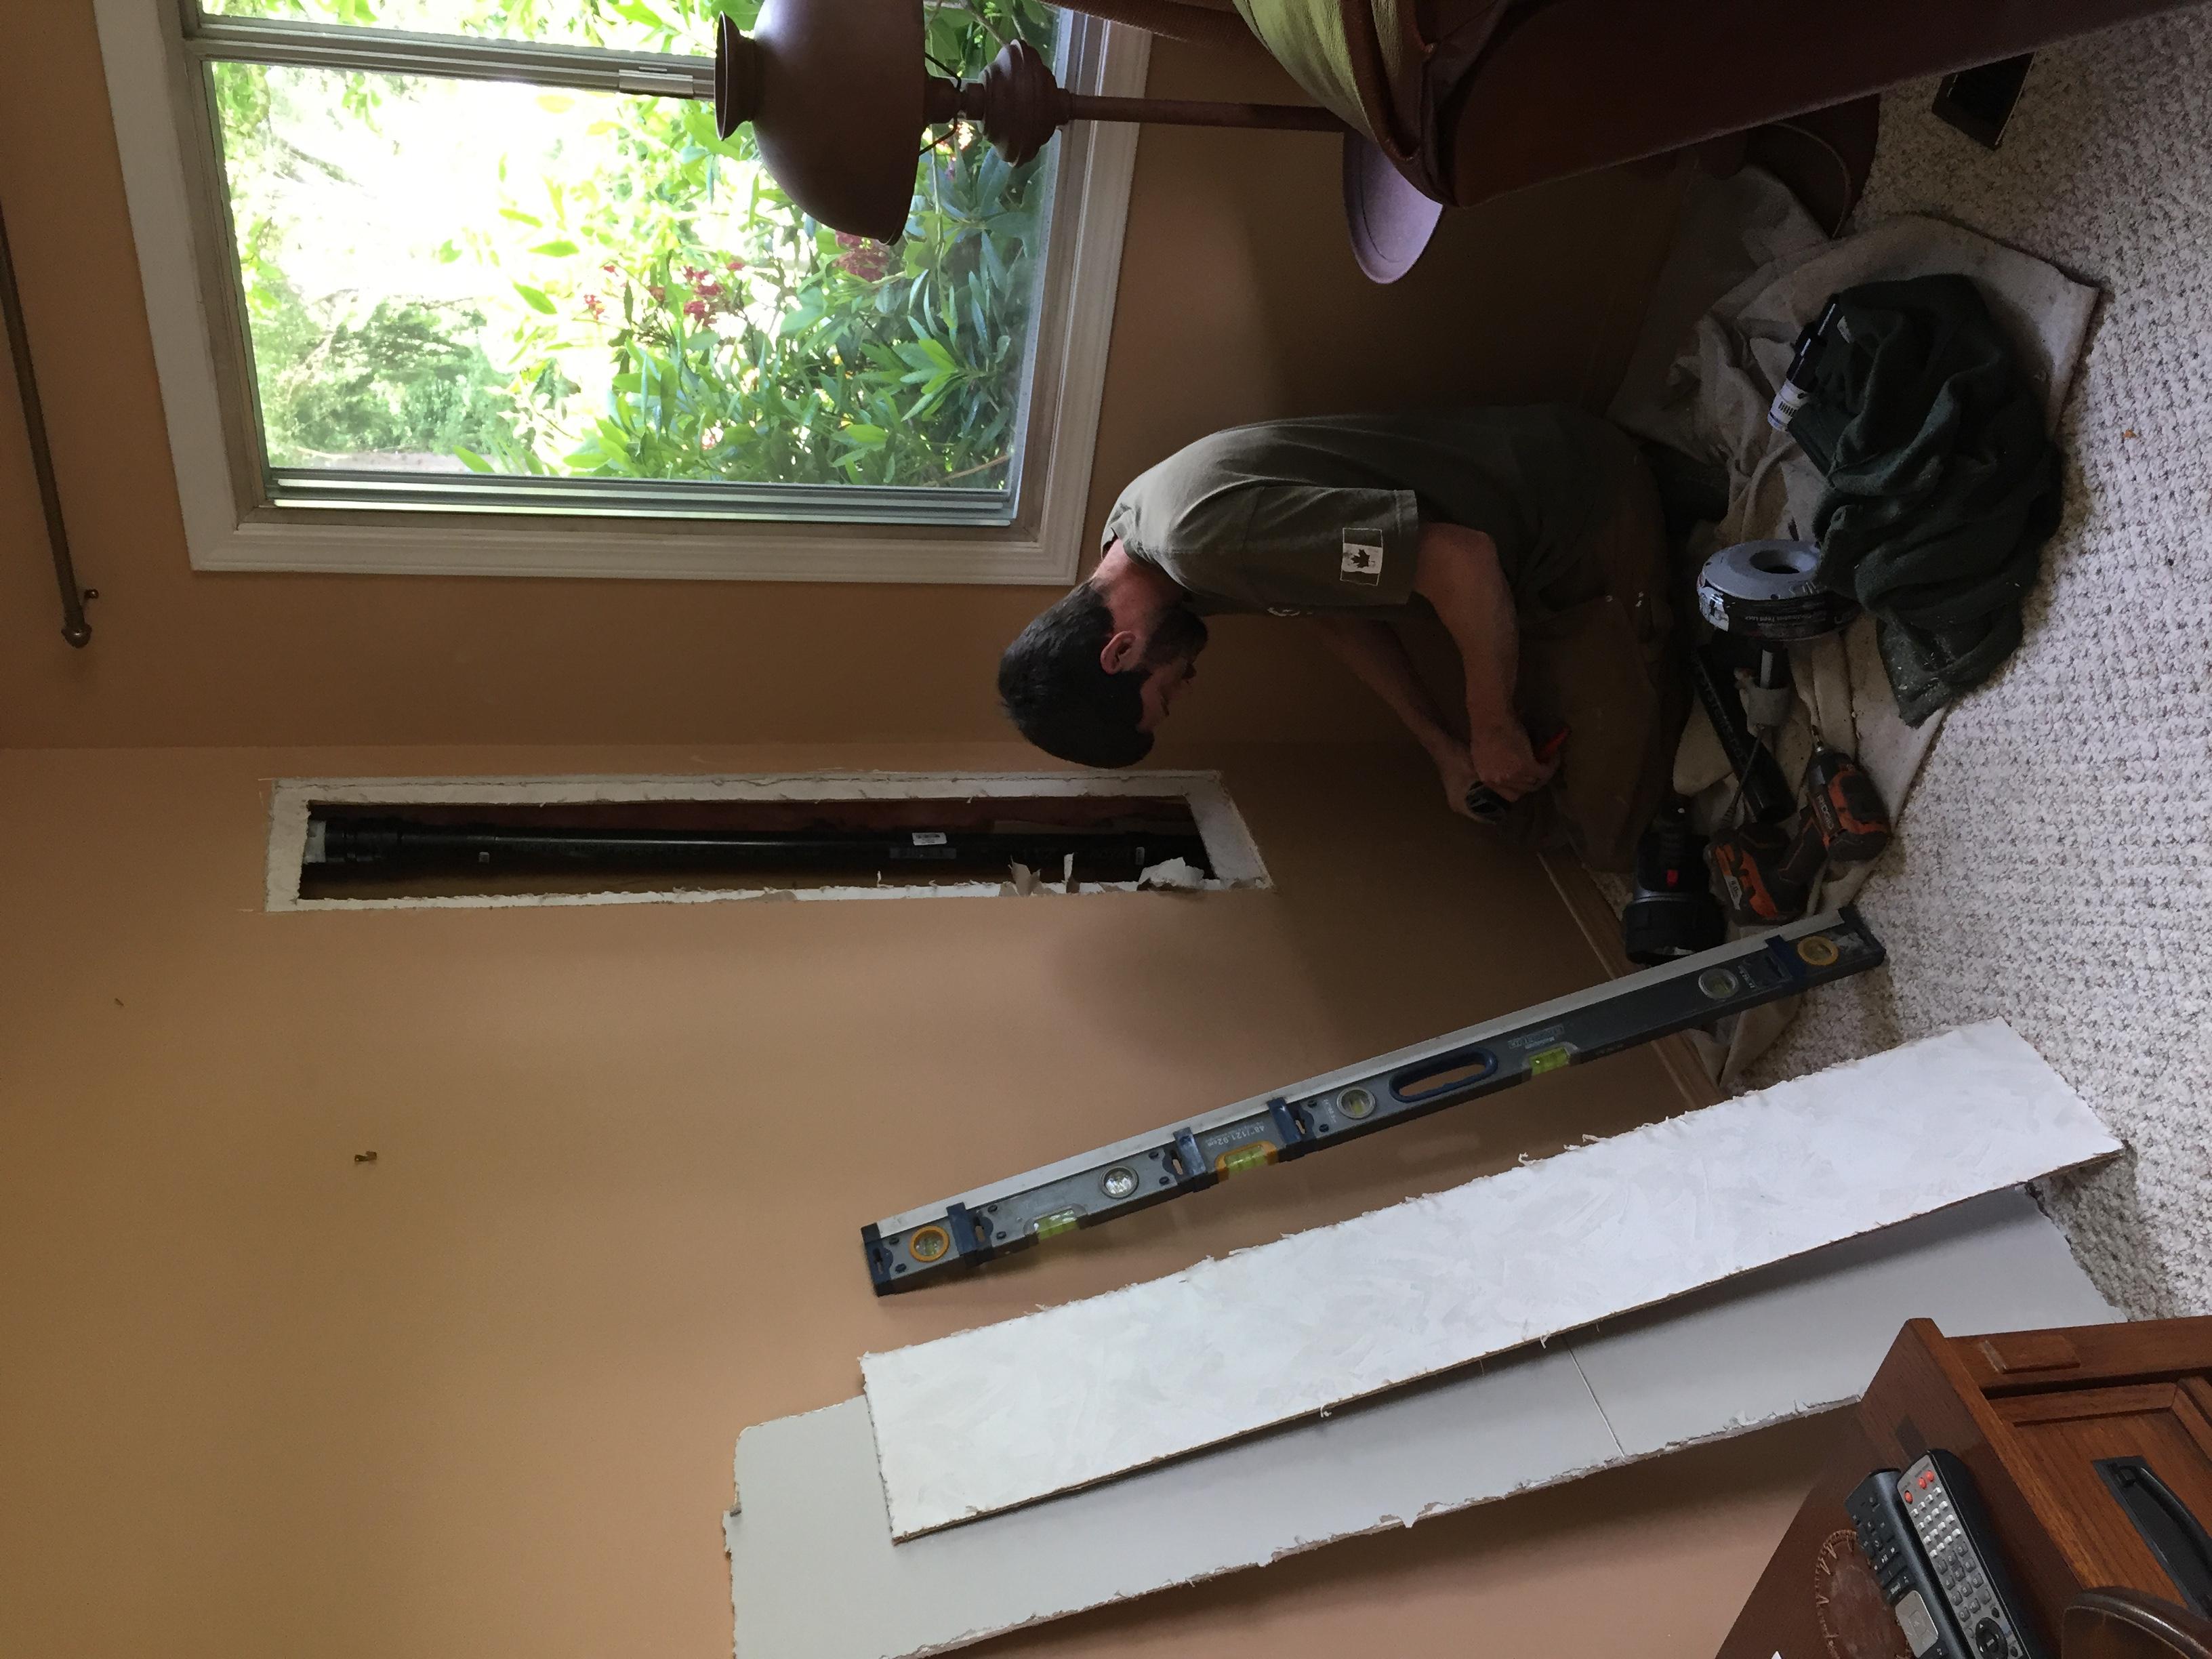 Existing Plumbing Repair